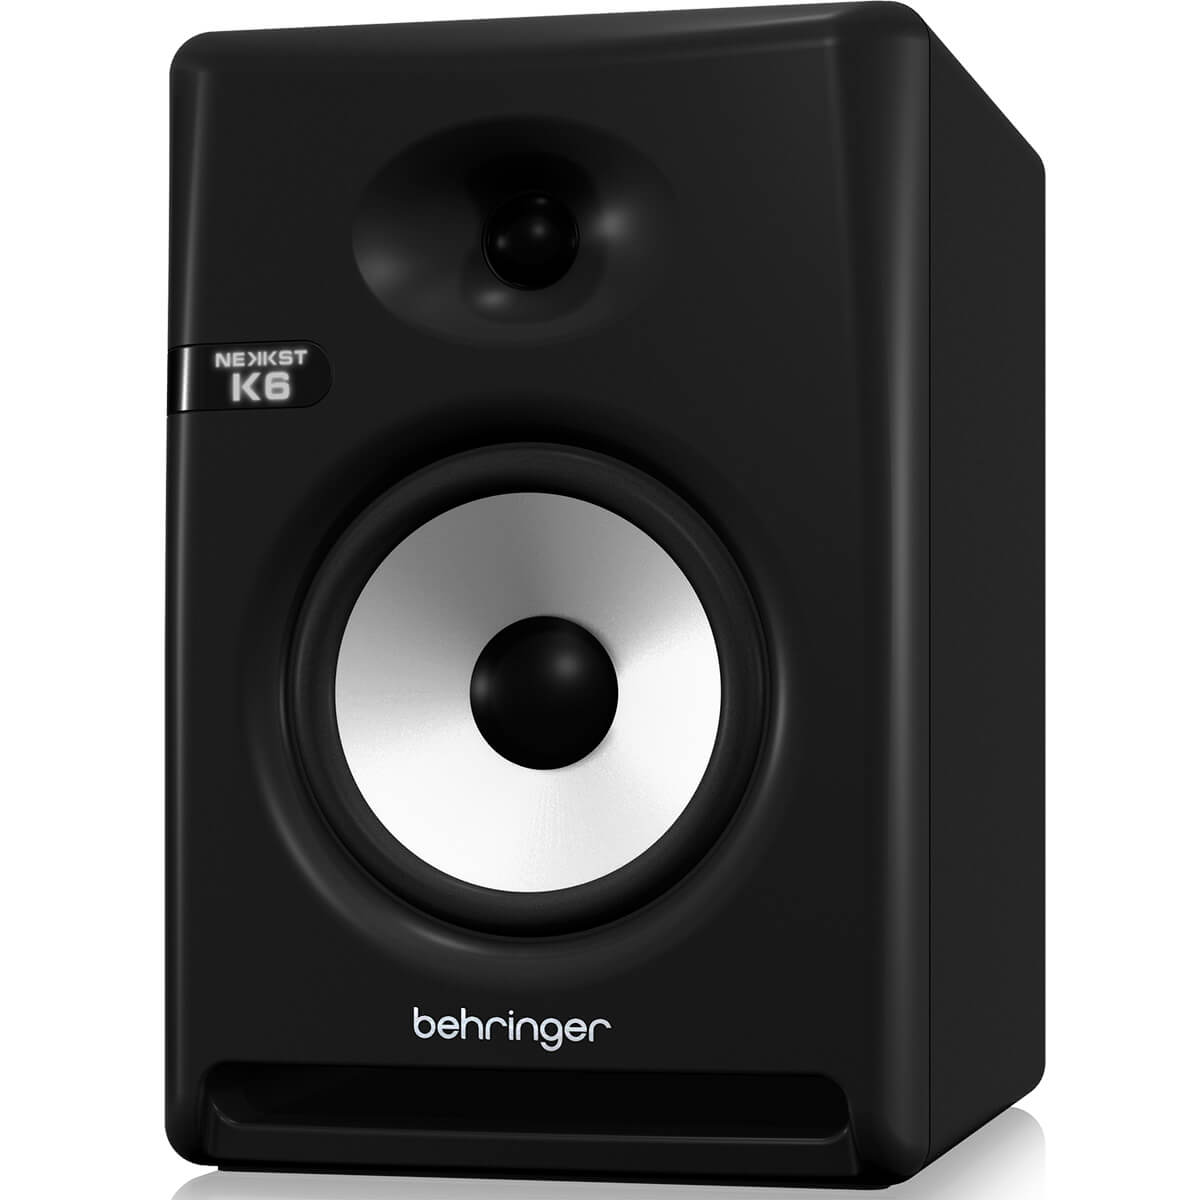 Monitor de Estudio Behringer NEKKST K6 150W